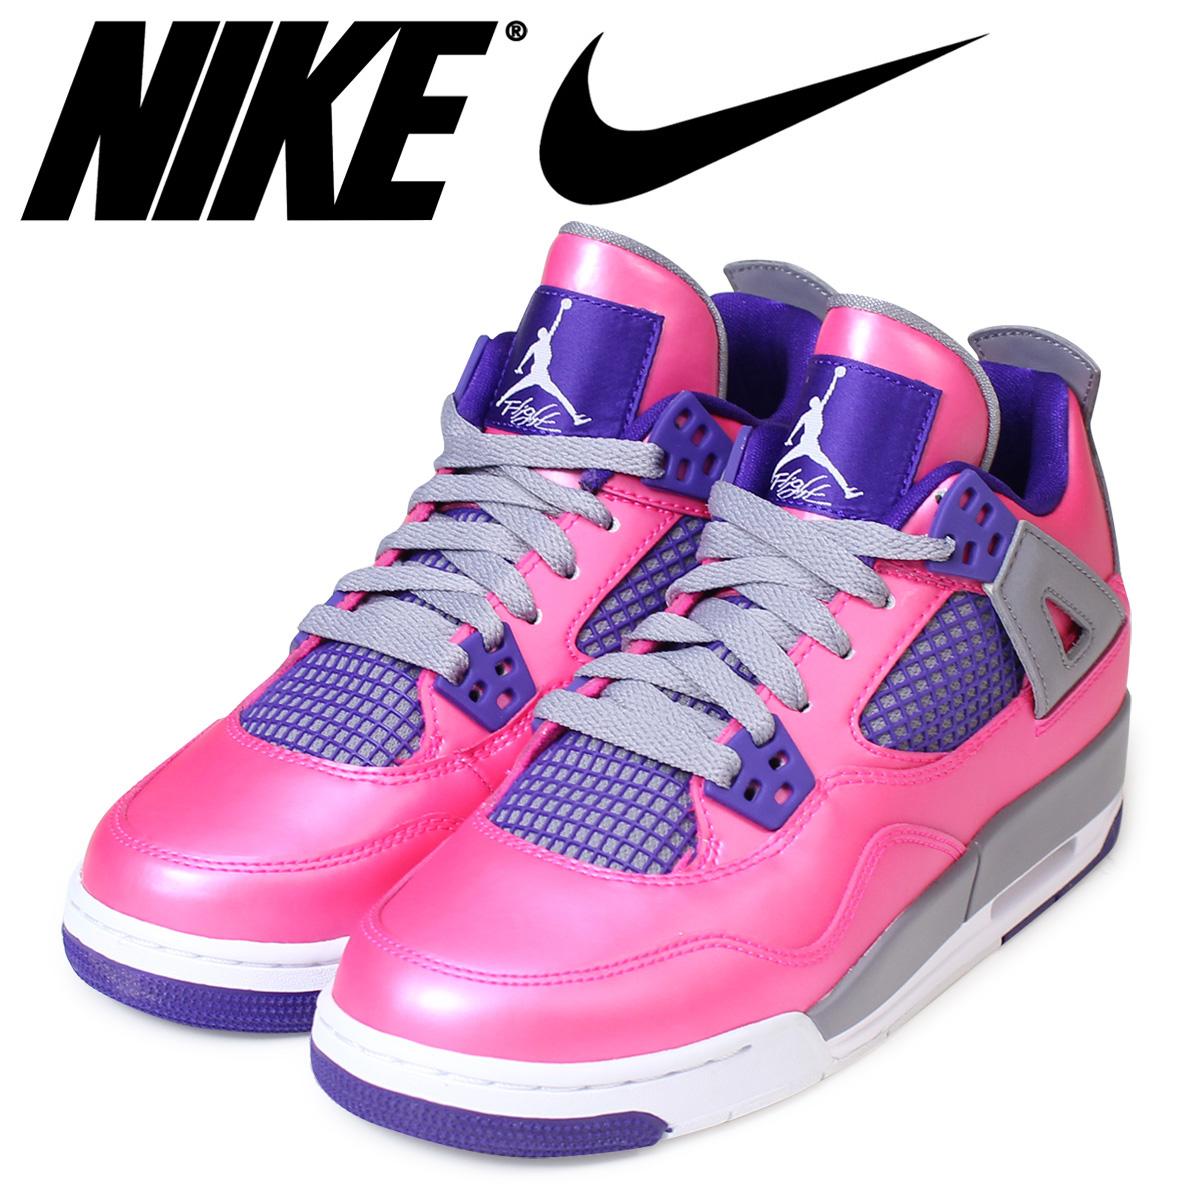 designer fashion 49be2 07ffe NIKE Nike Air Jordan sneakers Lady's AIR JORDAN 4 RETRO GS Air Jordan 4  nostalgic 487,724-607 shoes pink